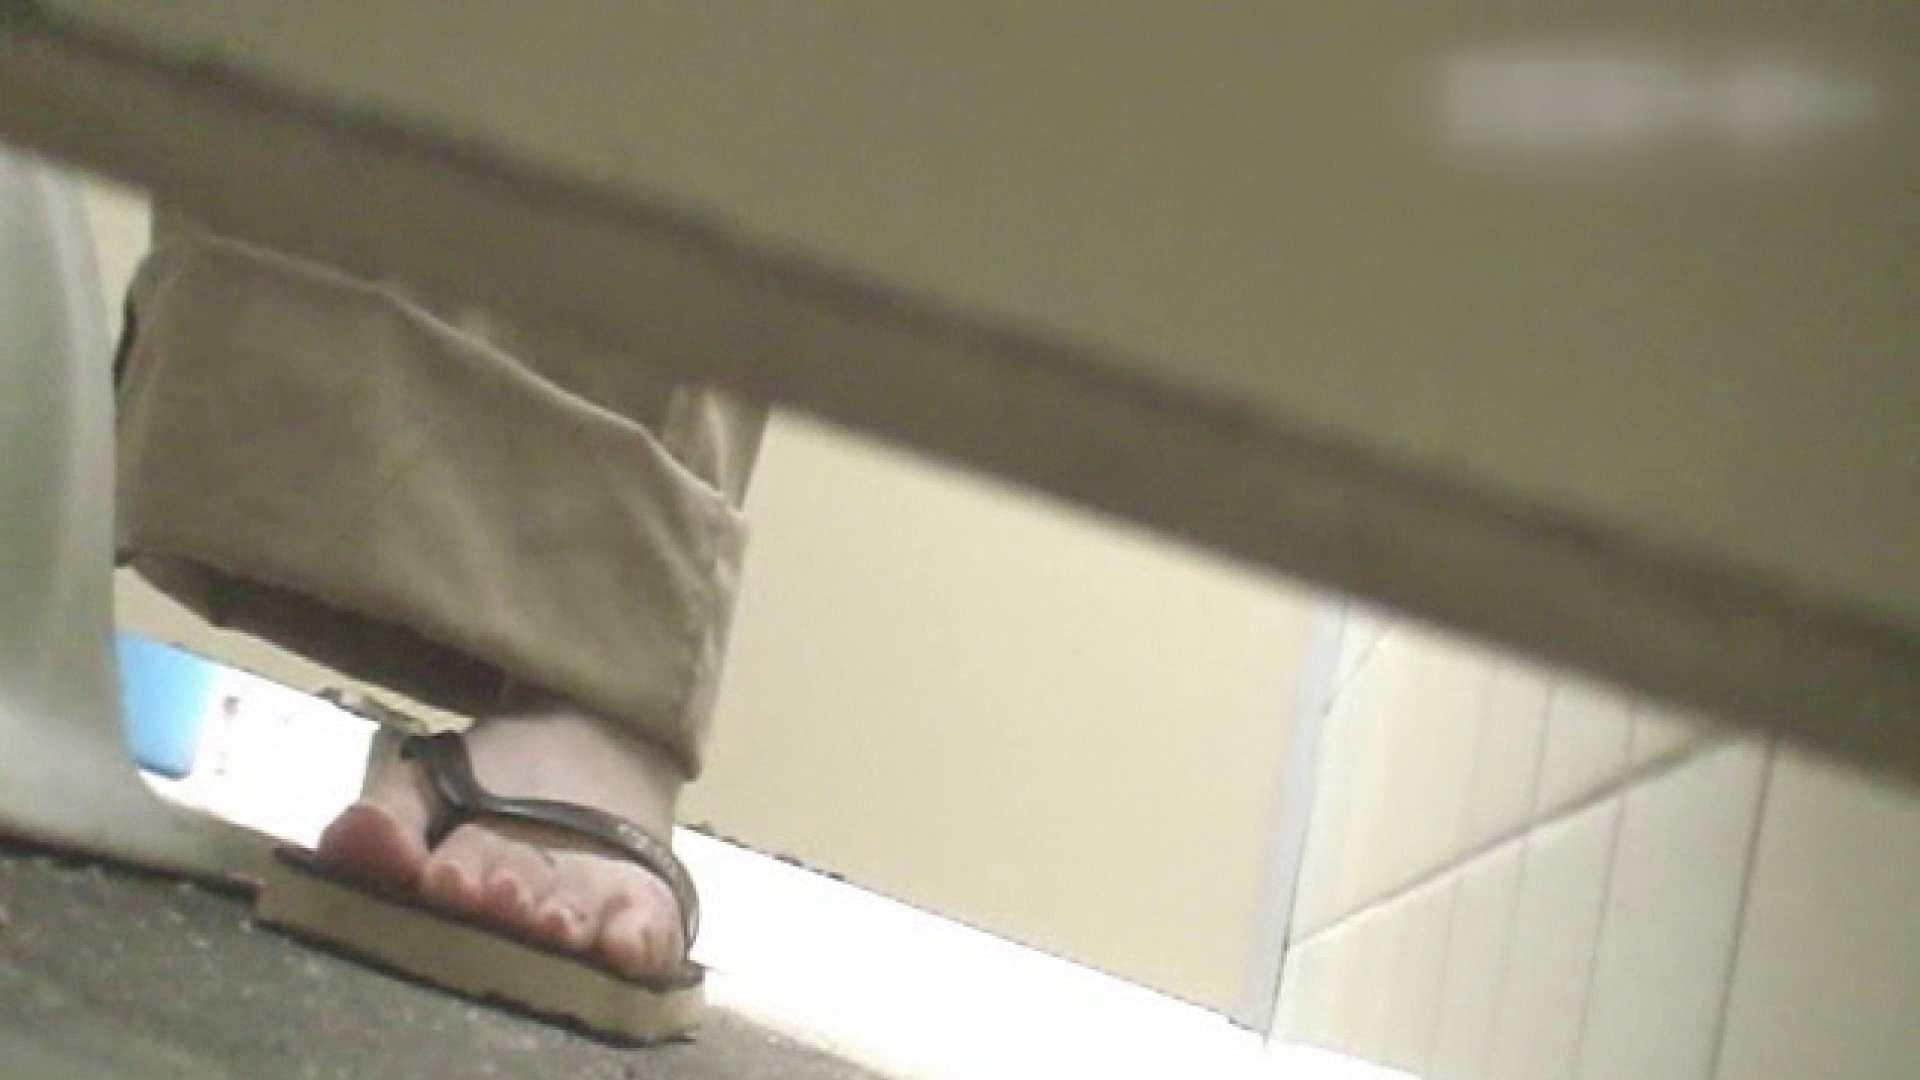 ロックハンドさんの盗撮記録File.08 厠 盗み撮りSEX無修正画像 91画像 77